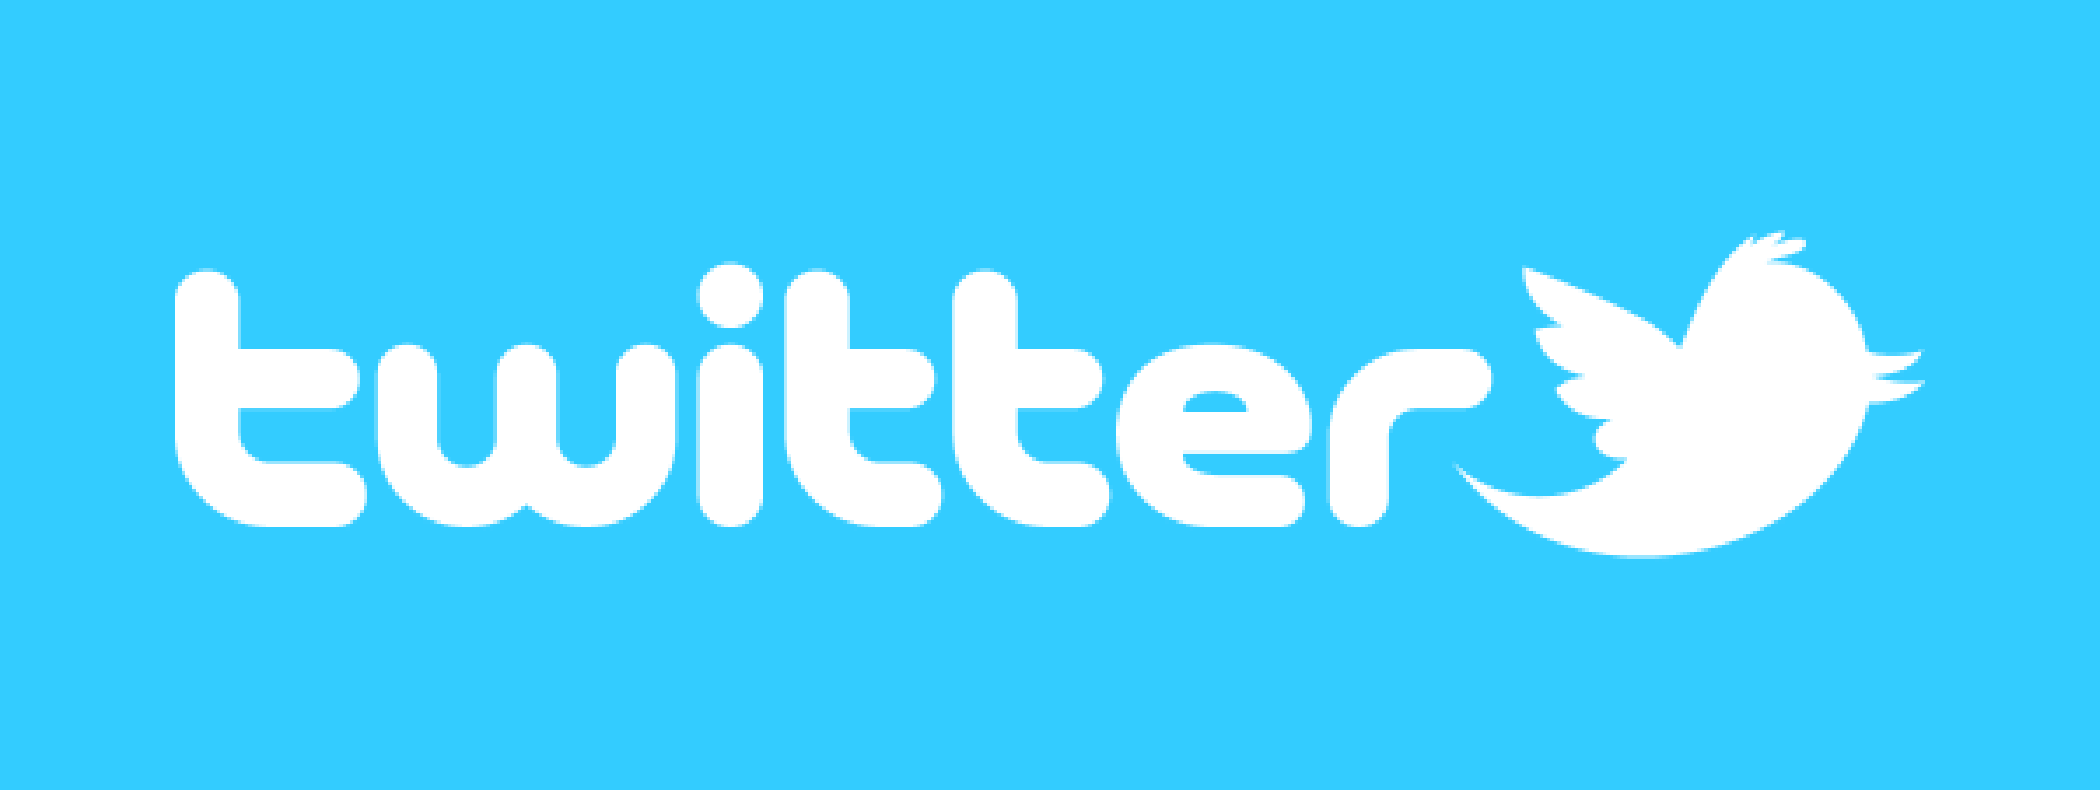 Twitter è il nuovo paradiso del porno online: tutti lo sanno ma nessuno lo dice